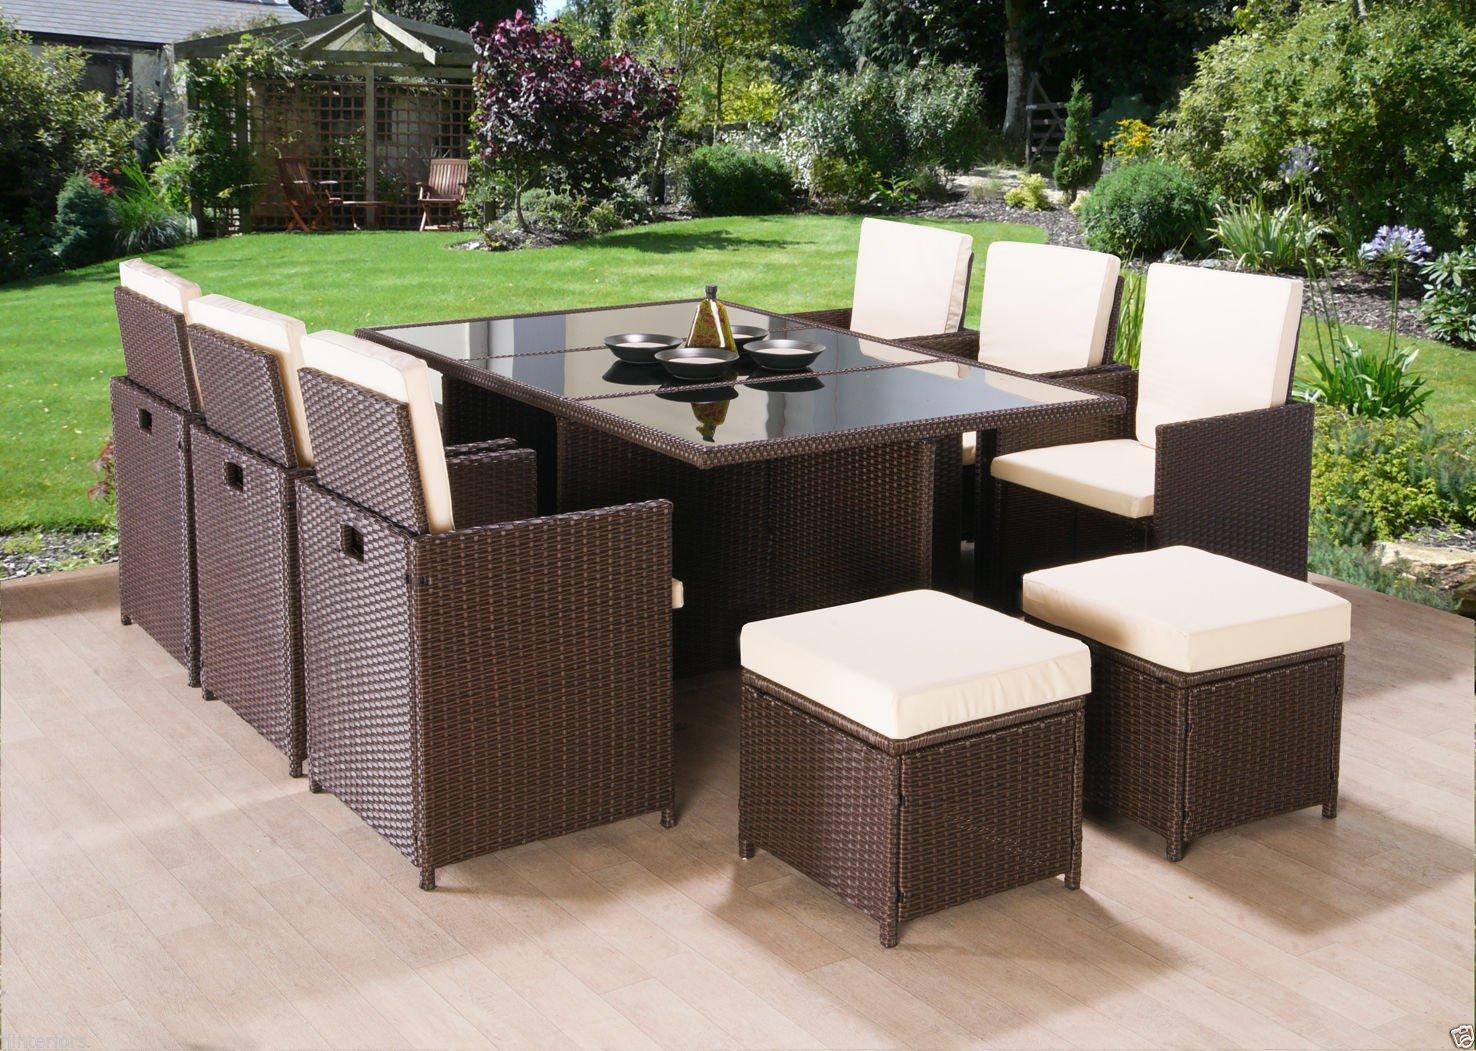 Rattan gartenmöbel braun  Luxus 10 Sitzer Rattan Gartenmöbel Cube Set Esstisch Stuhl ...